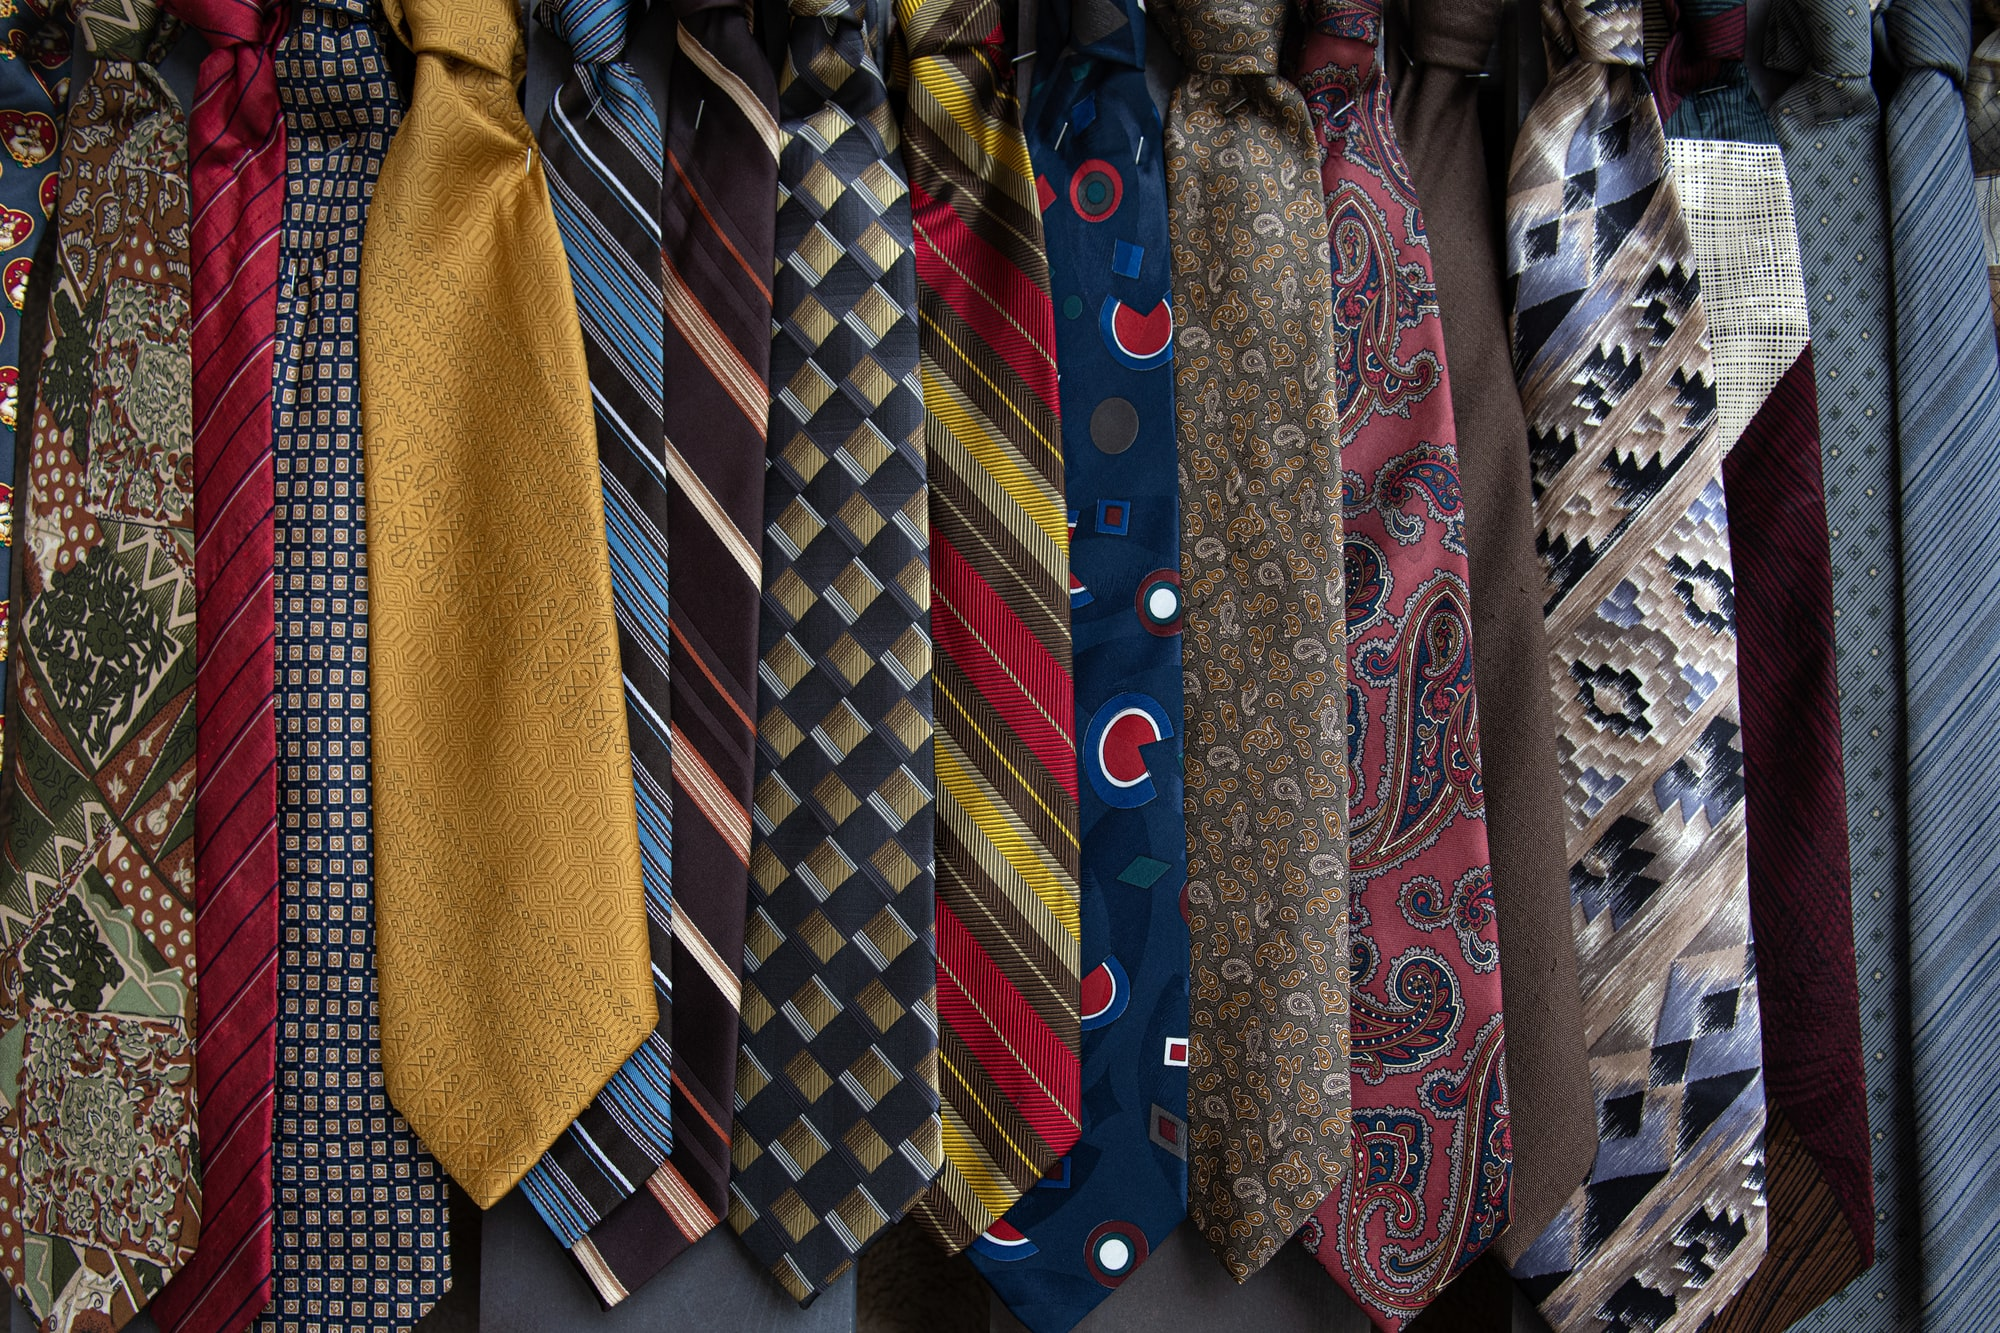 証券会社へ付けていくネクタイはイギリス式で